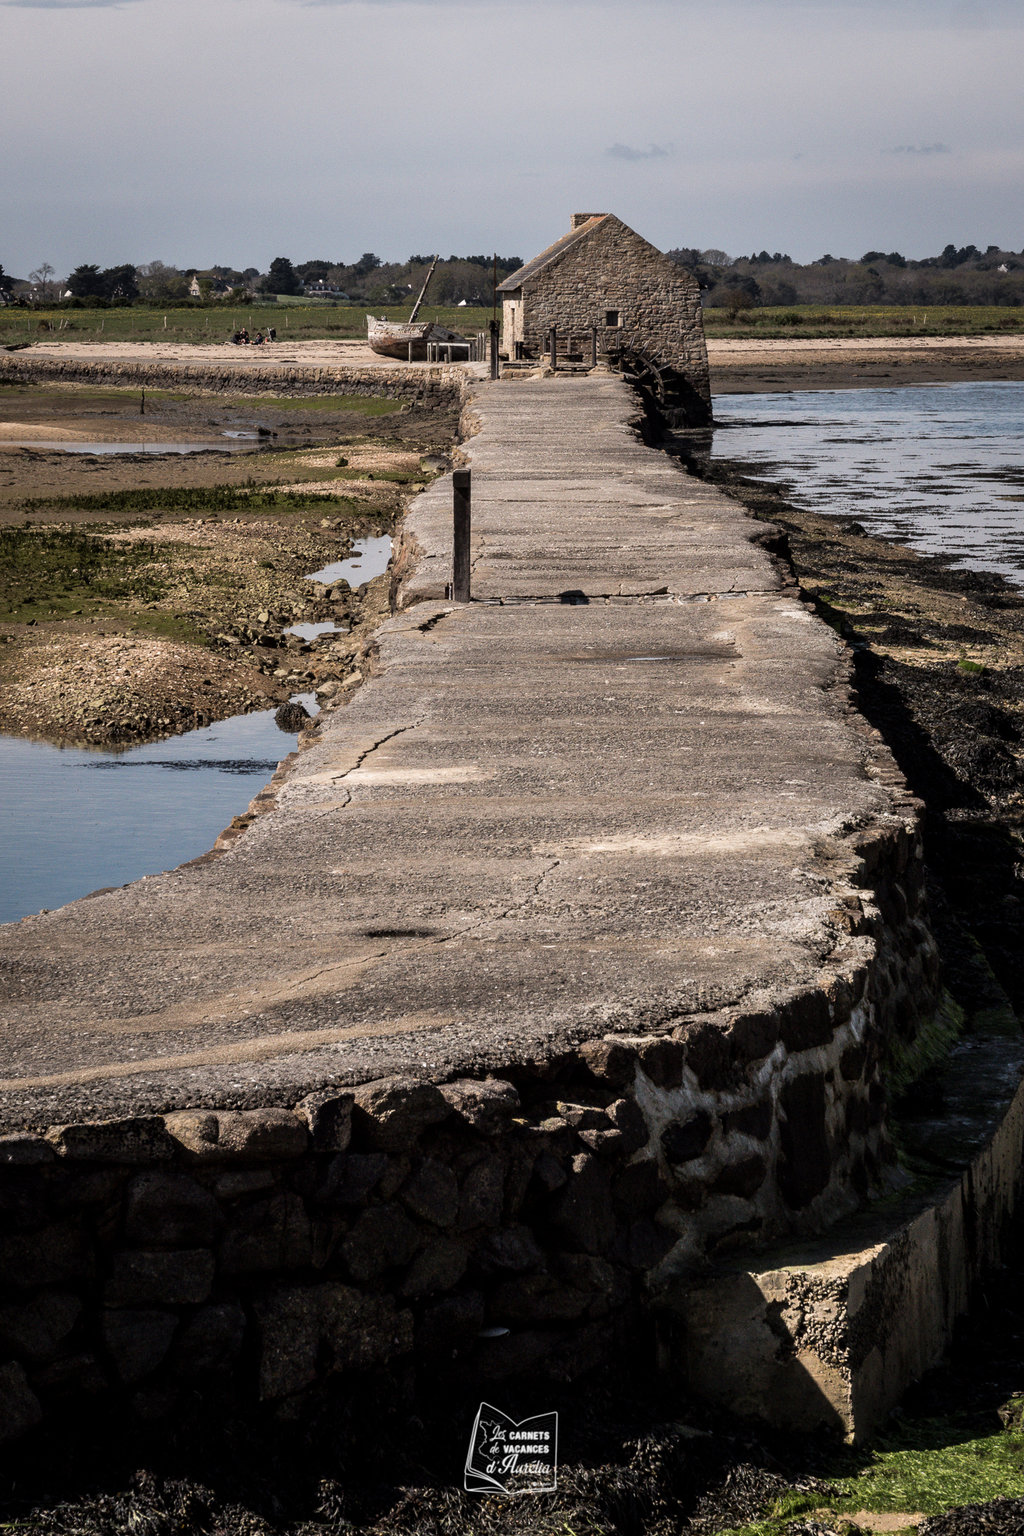 Expedia_CDV_Morbihan-14.jpg?1563799539